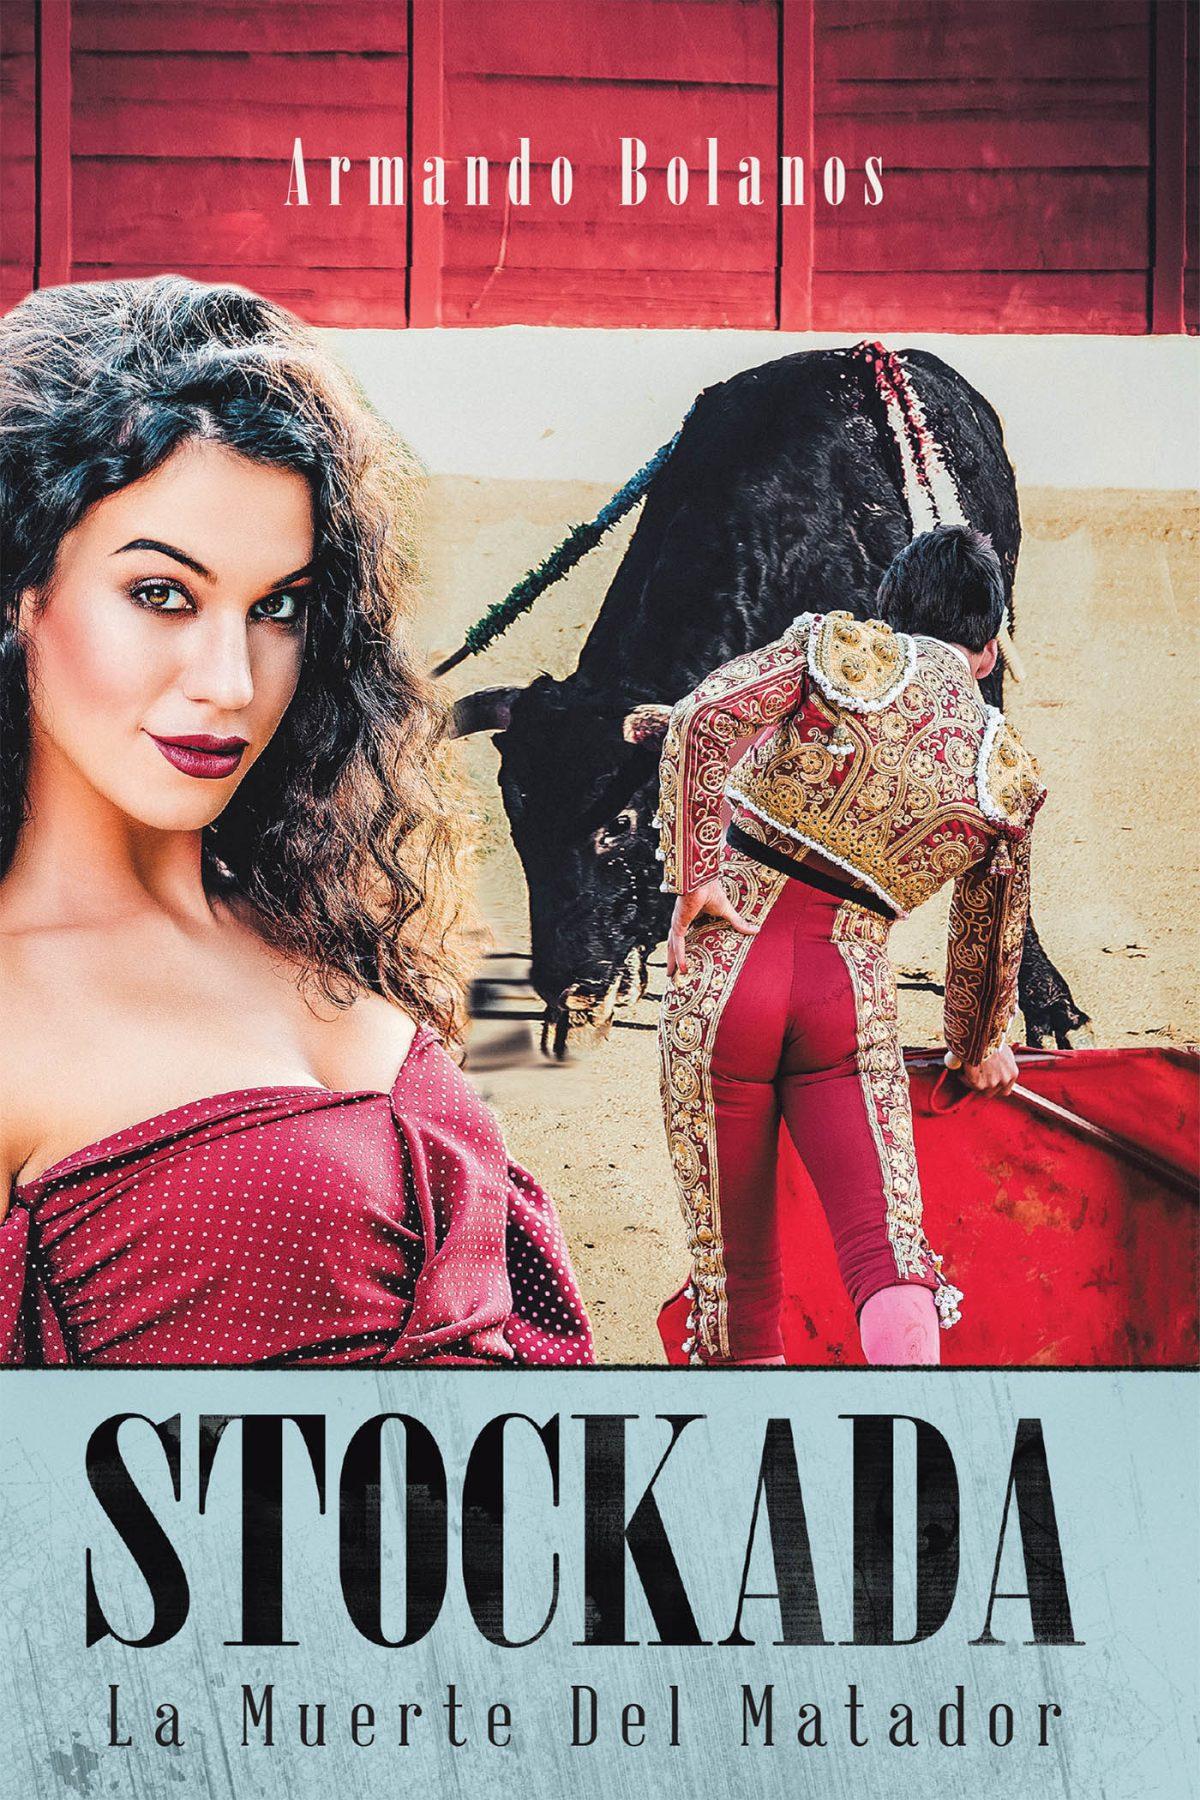 La más reciente obra publicada del autor Armando Bolanos, Stockada: La muerte del matador, una obra literaria fantástica donde se evoca el amor, la pasión y en dolor como sentimientos intrínsecos de la vida